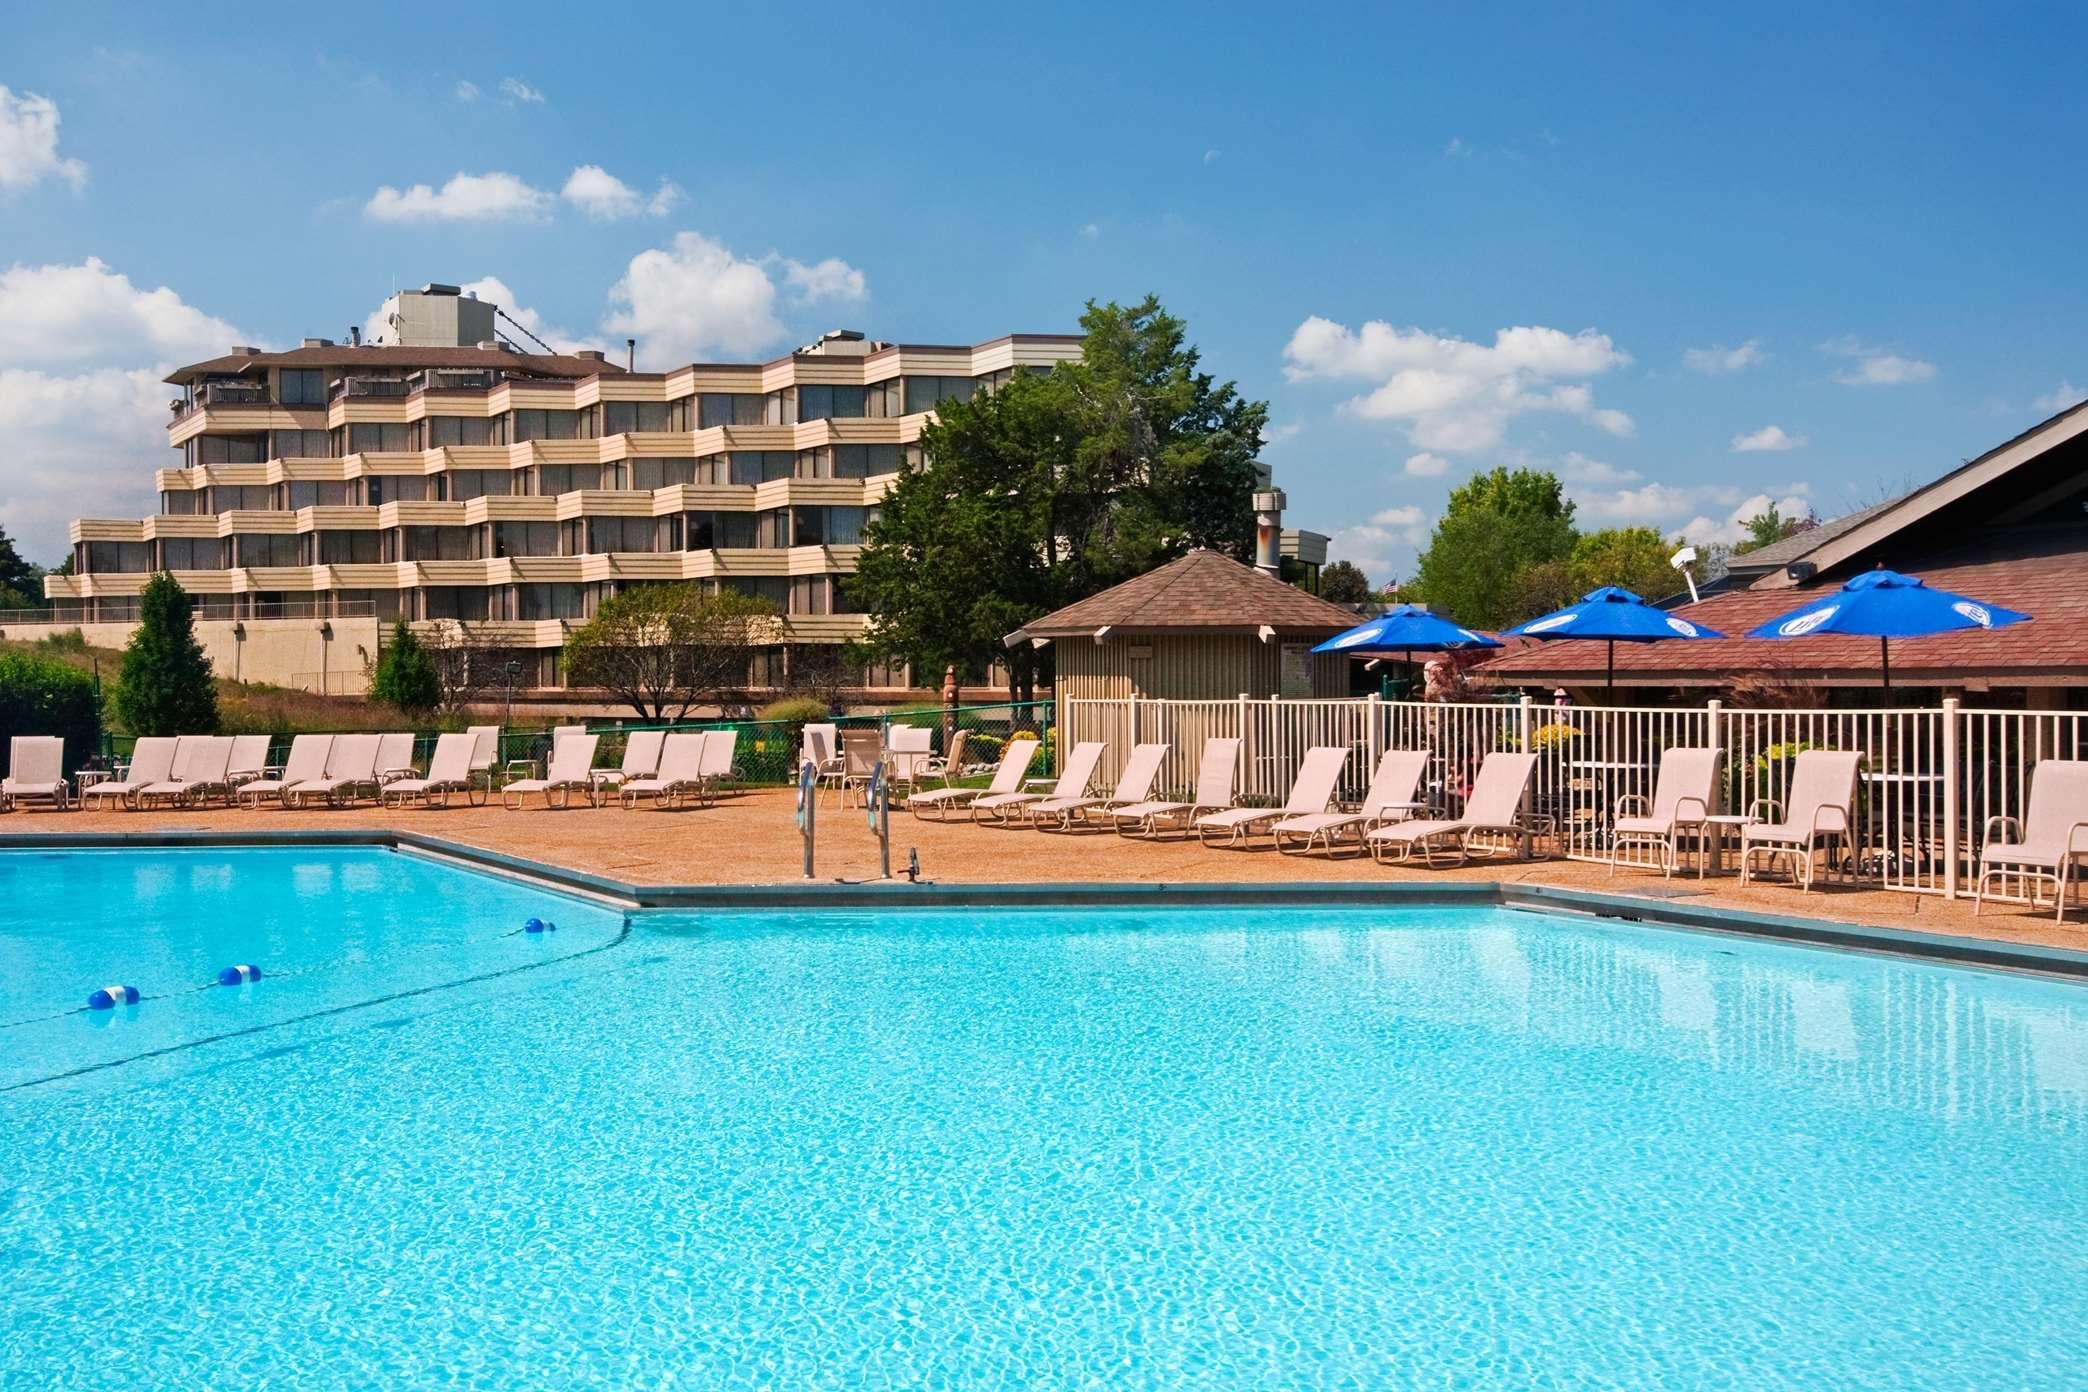 Hilton Chicago Indian Lakes image 3